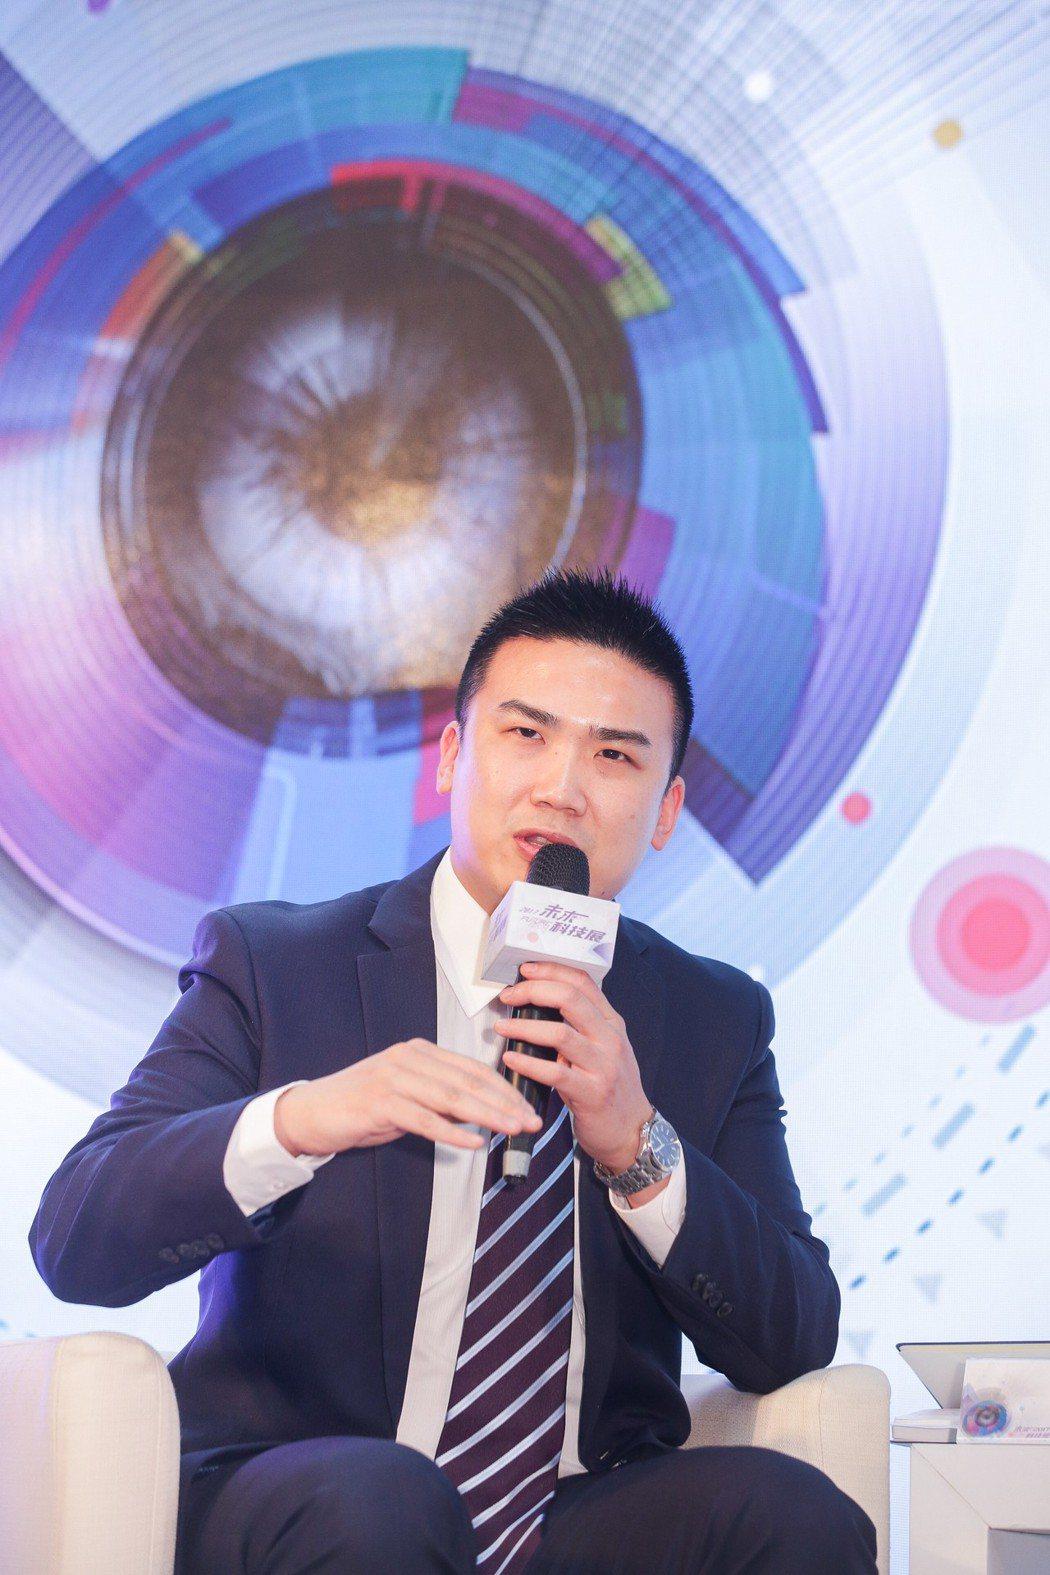 國家儀器行銷技術總監吳維翰。 林鼎皓/提供